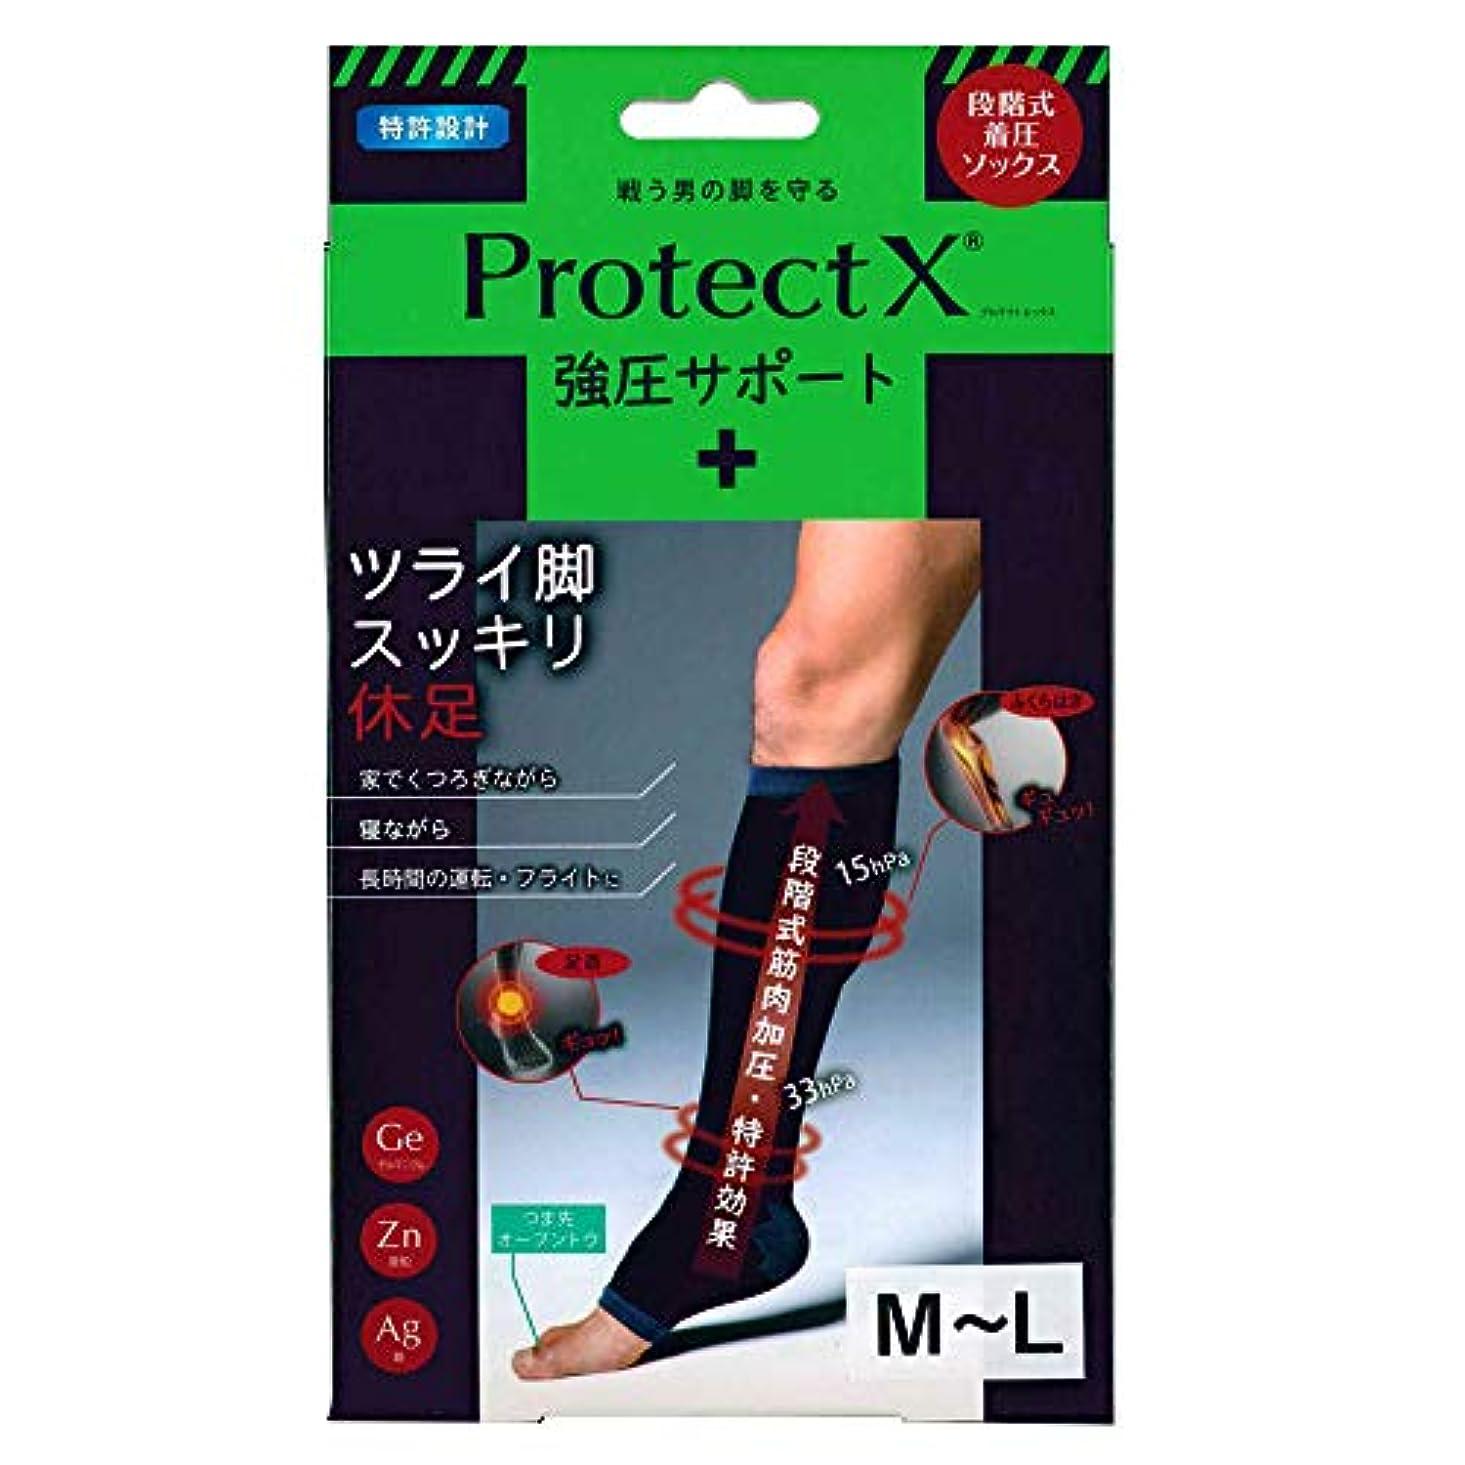 討論絶対の割合Protect X(プロテクトエックス) 強圧サポート オープントゥ着圧ソックス 膝下 (膝下M-L)